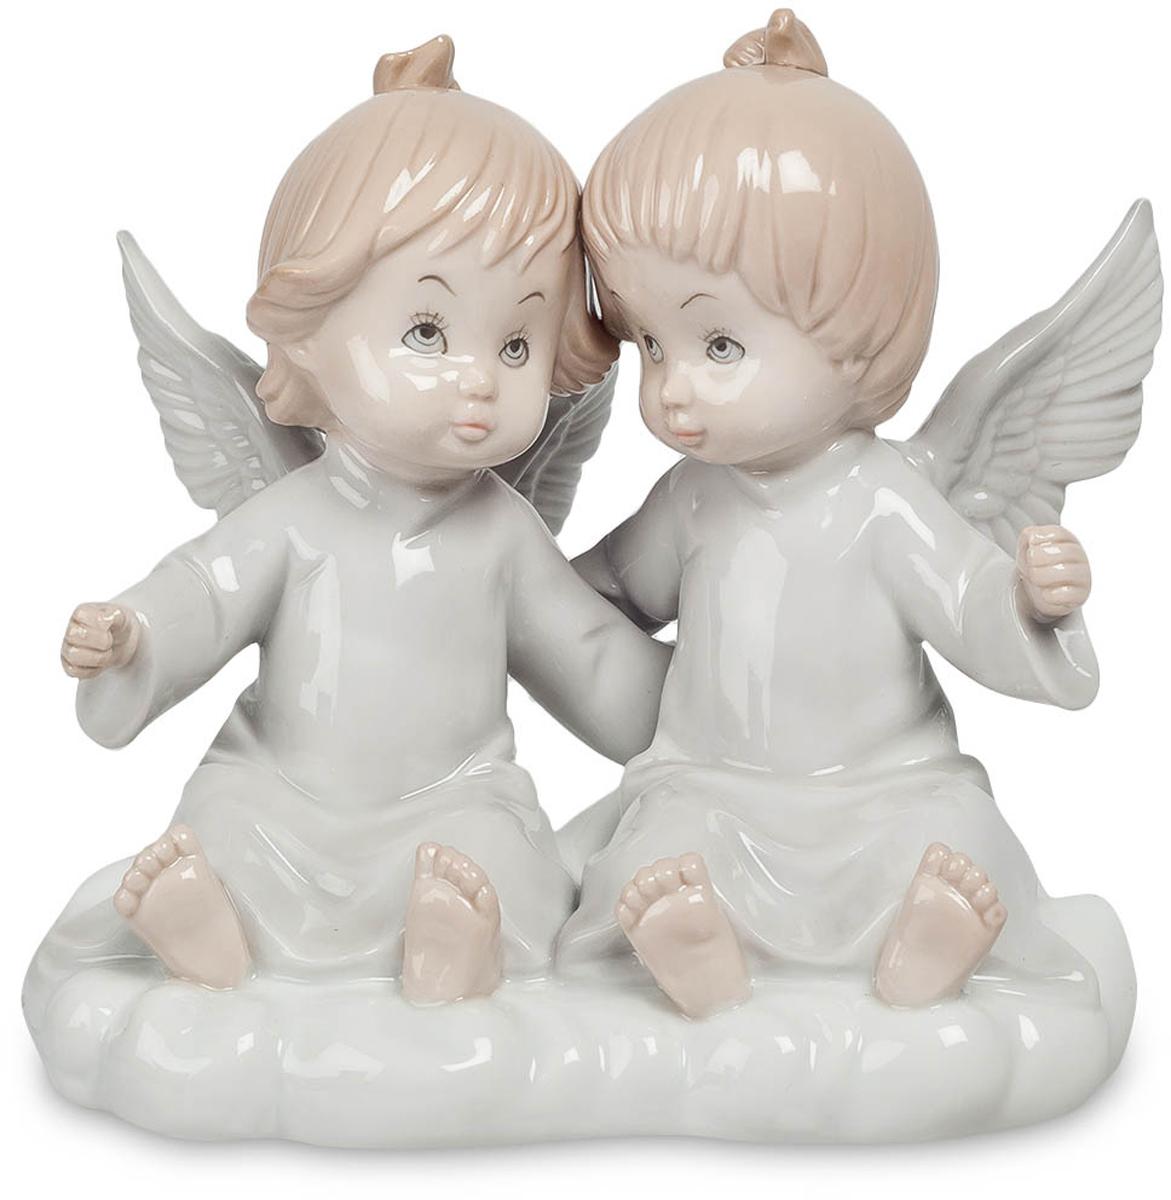 Фигурка Pavone Парочка ангелов. JP-05/1274-0120Фигурка Ангелочков высотой 14 см.Нет никого ближе друг другу, чем близнецы. Их связь настолько сильна, что её не в силах разорвать ни расстояние, ни время, ничто.На протяжении всех времён близость друг другу близнецов была уникальна и неповторима. Они всегда были, есть и будут знаменем силы, верности. Связь между ними так прочна, что её невозможно разорвать. Фигурка Парочка ангелов станет великолепным и милым подарком для близняшек и их ангелами-хранителями. Фигурка с двумя ангелочками не только красиво выглядит, но и всегда защитит ваших чад от бед и разочарований. Согласитесь, это немаловажно. Тёплые тона сделают детскую комнату ещё светлее и помогут статуэтке стать великолепным элементом интерьера.